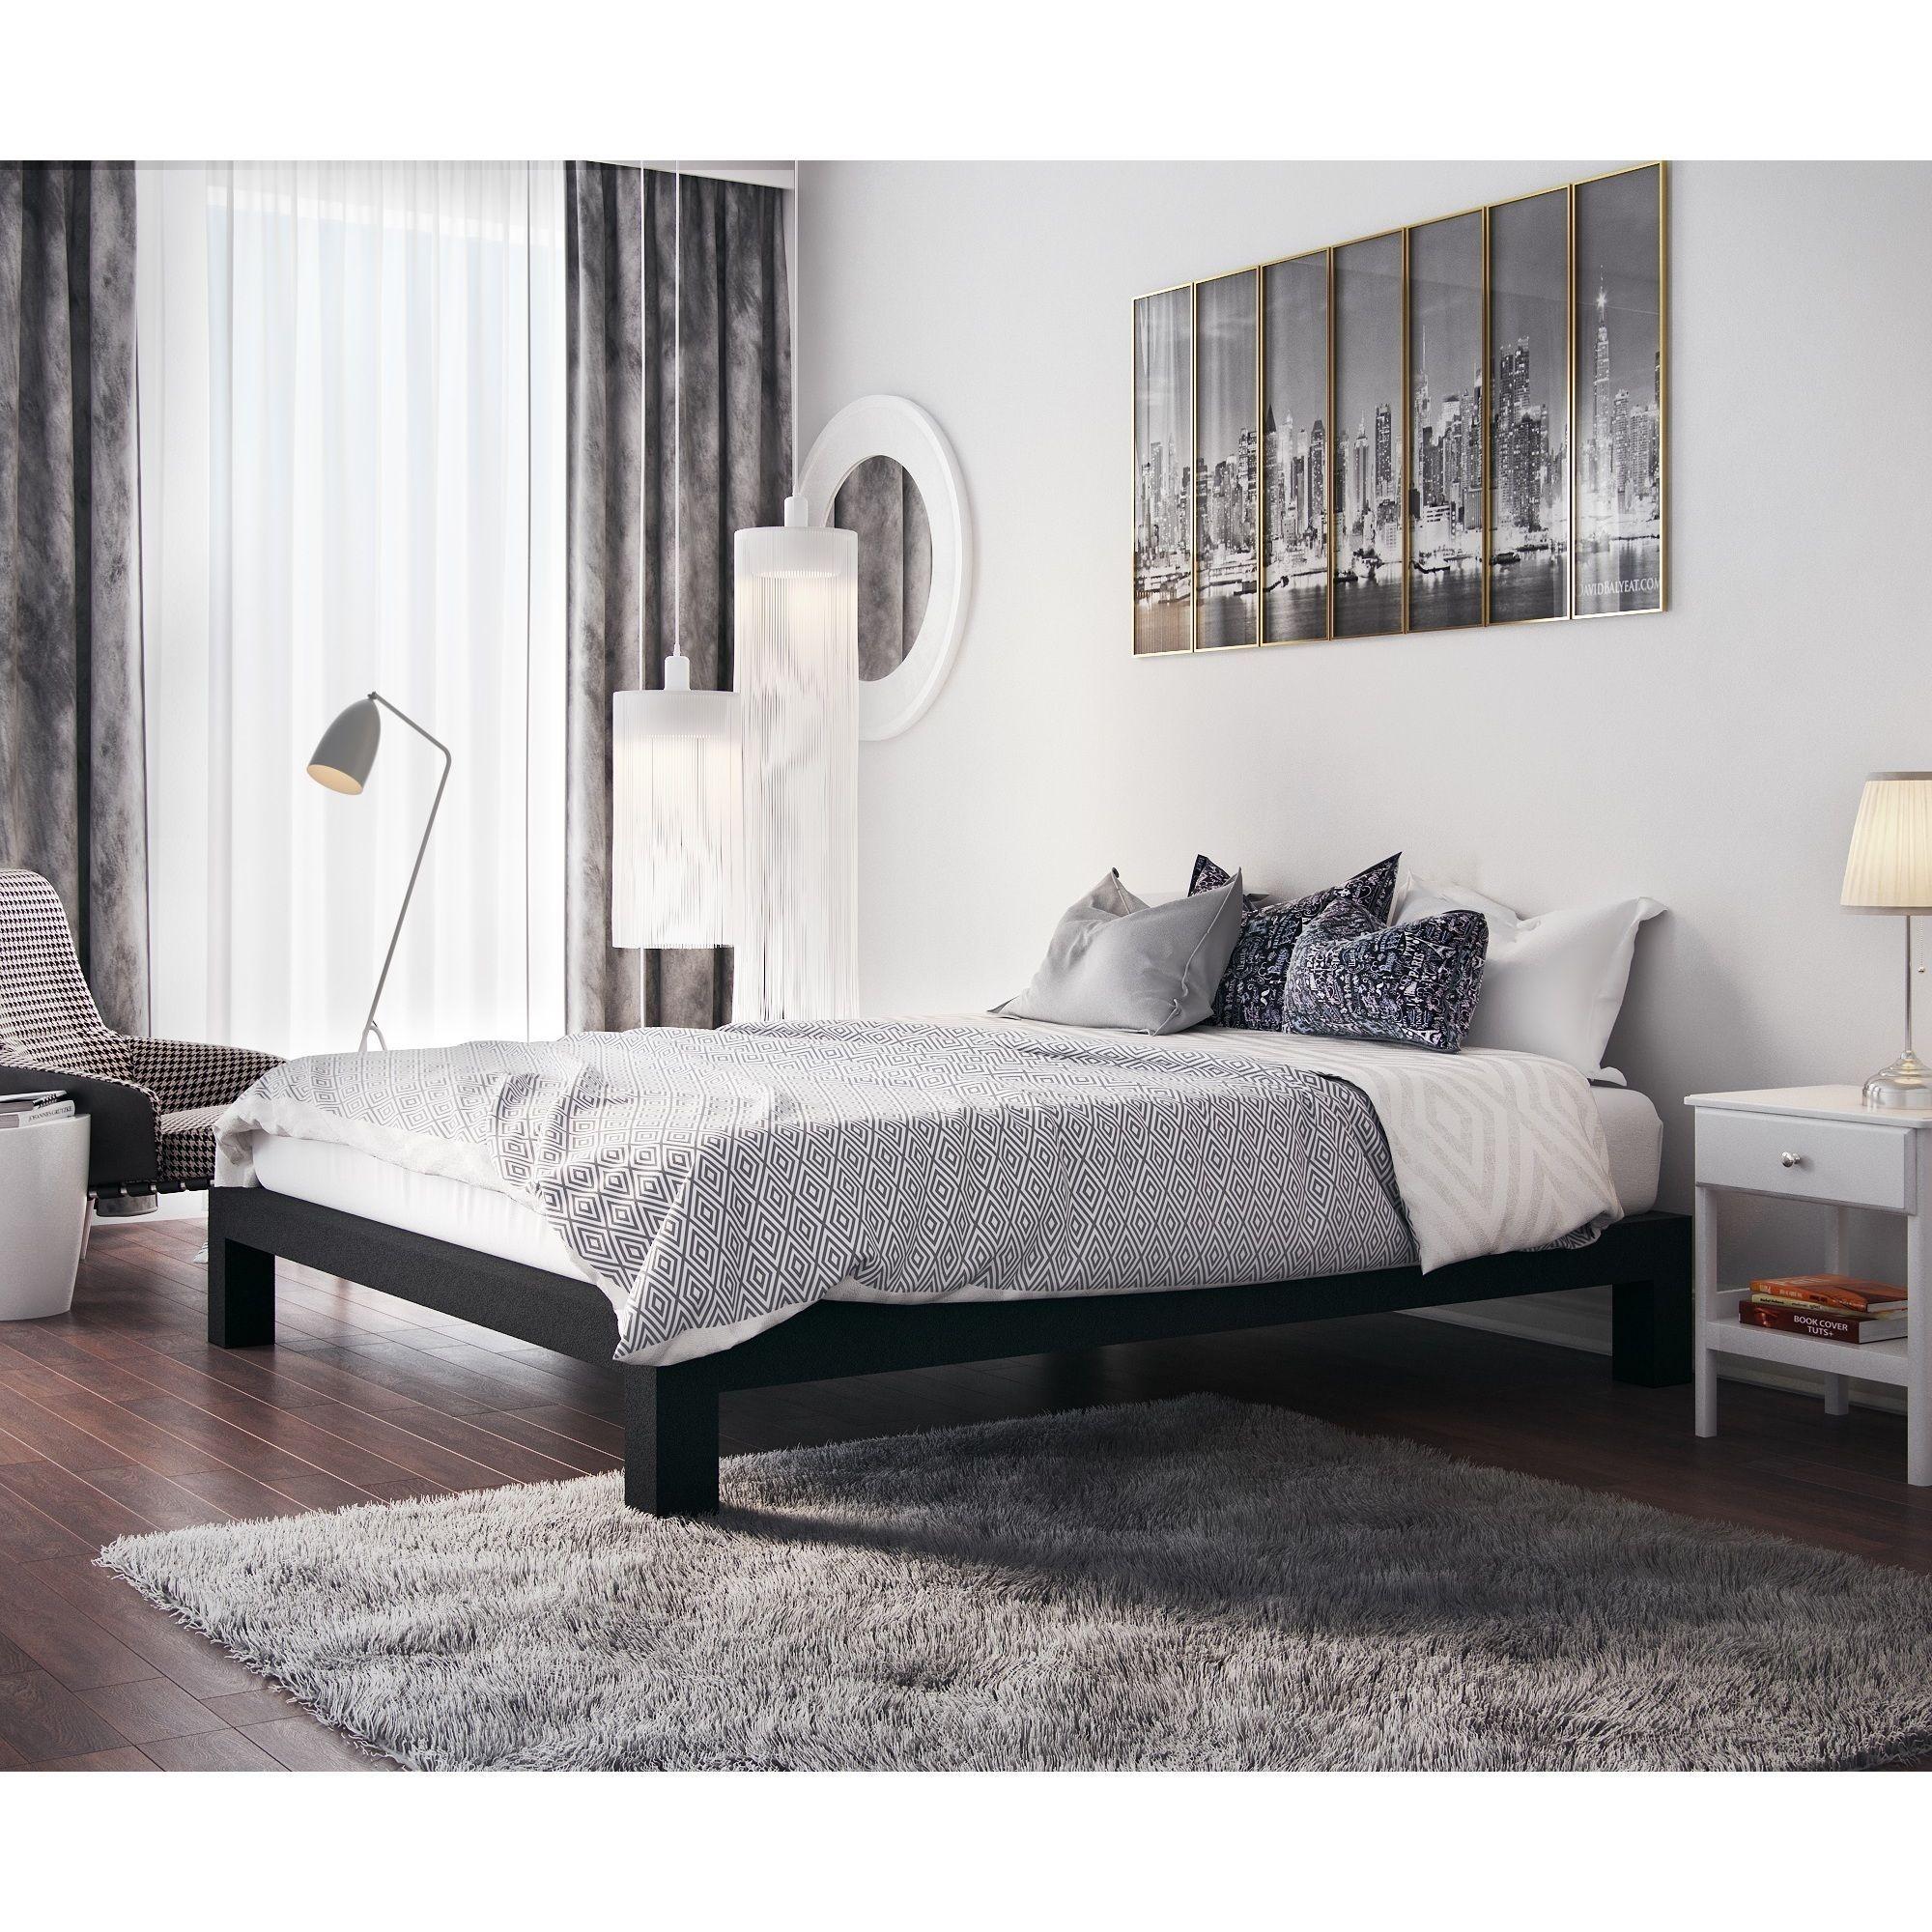 Vesta Black Metal Slatted Platform Bed (Queen) | My New Room | Pinterest